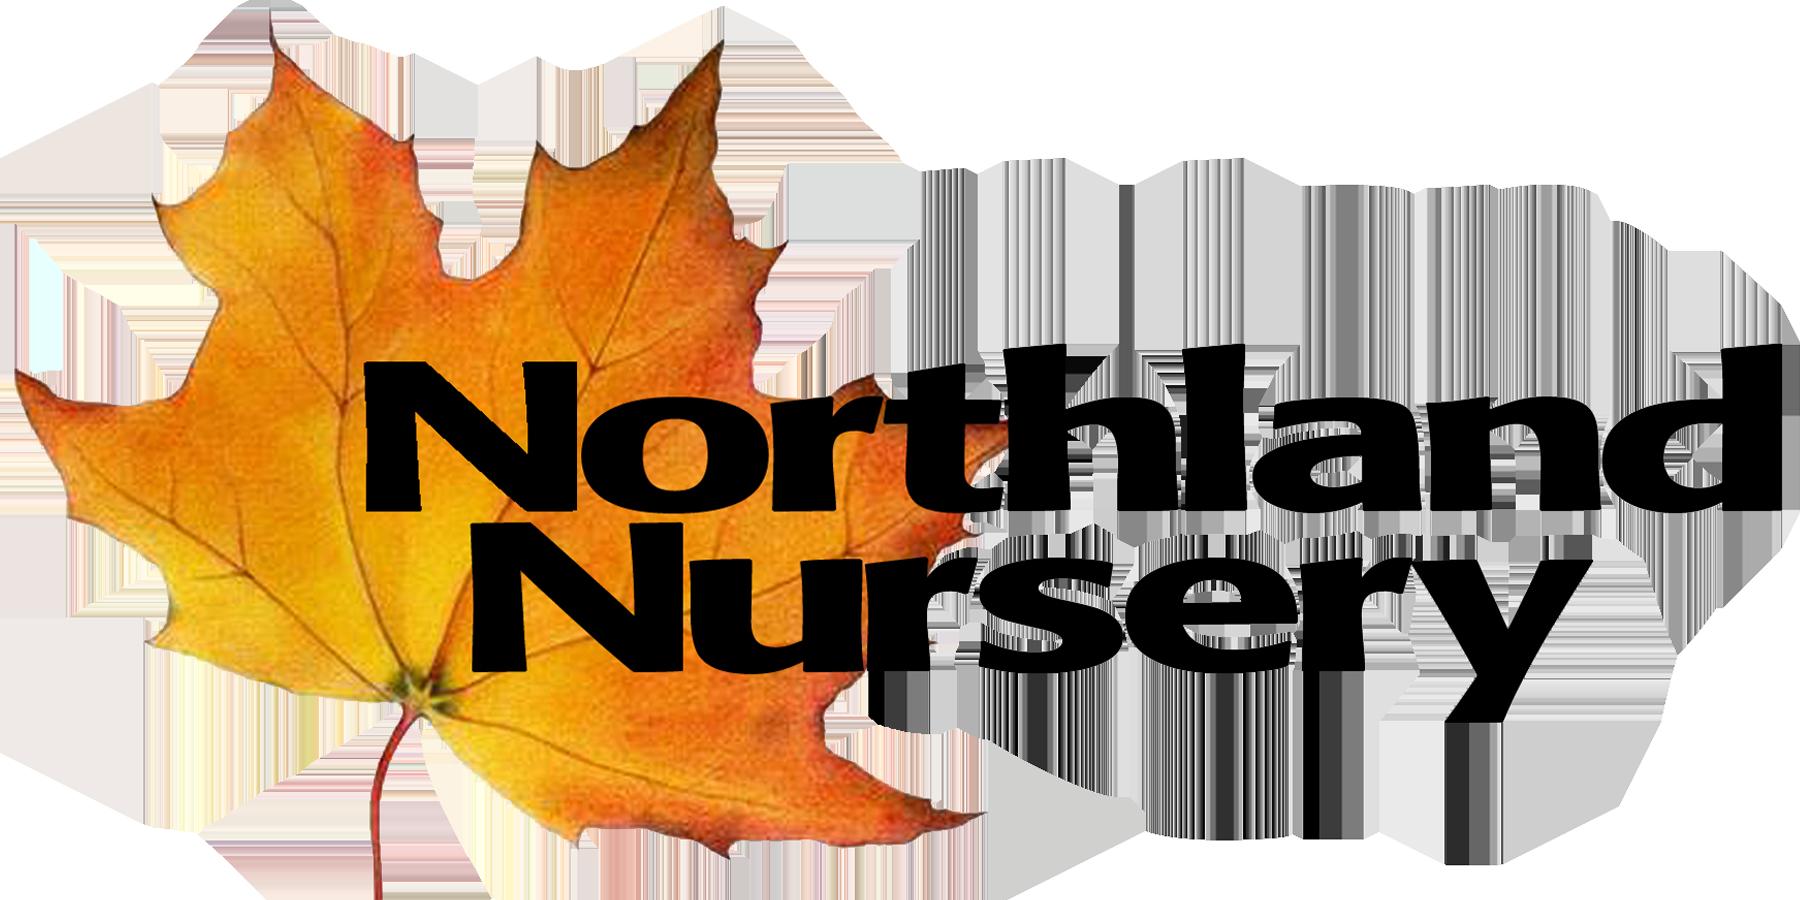 Northland Nursery